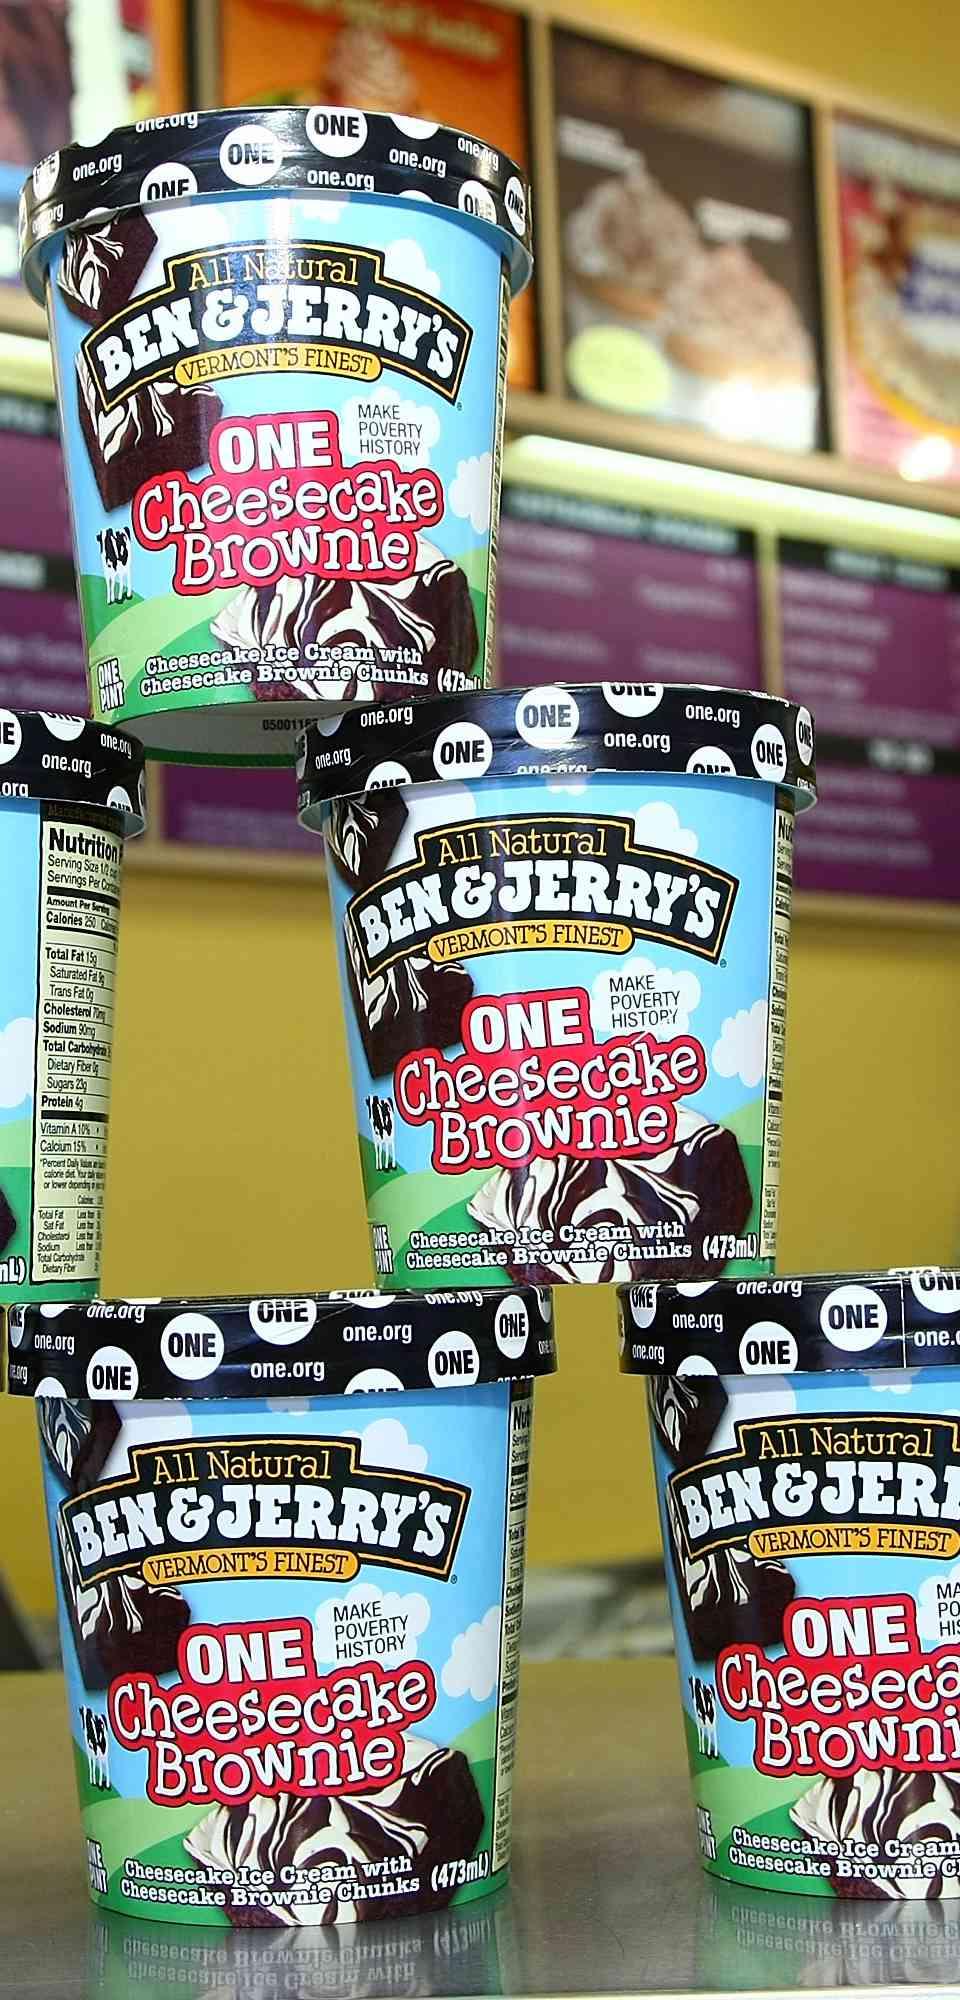 Pints of Ben & Jerry's ice cream